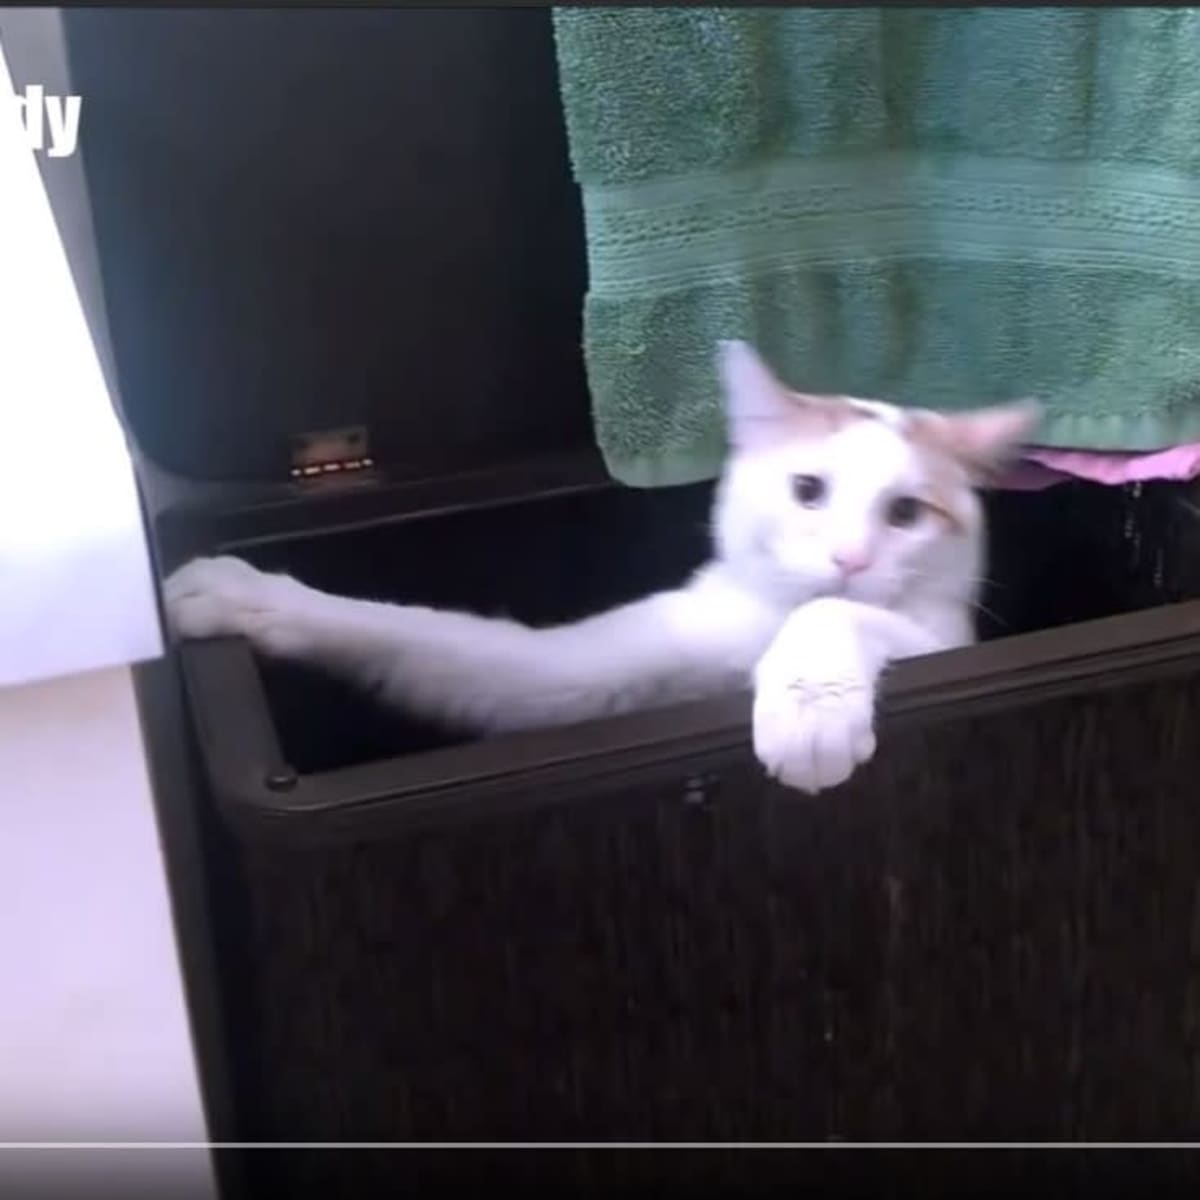 Kuvakaappaus Youtube-videosta: kissa roikkuu laatikon reunoista.